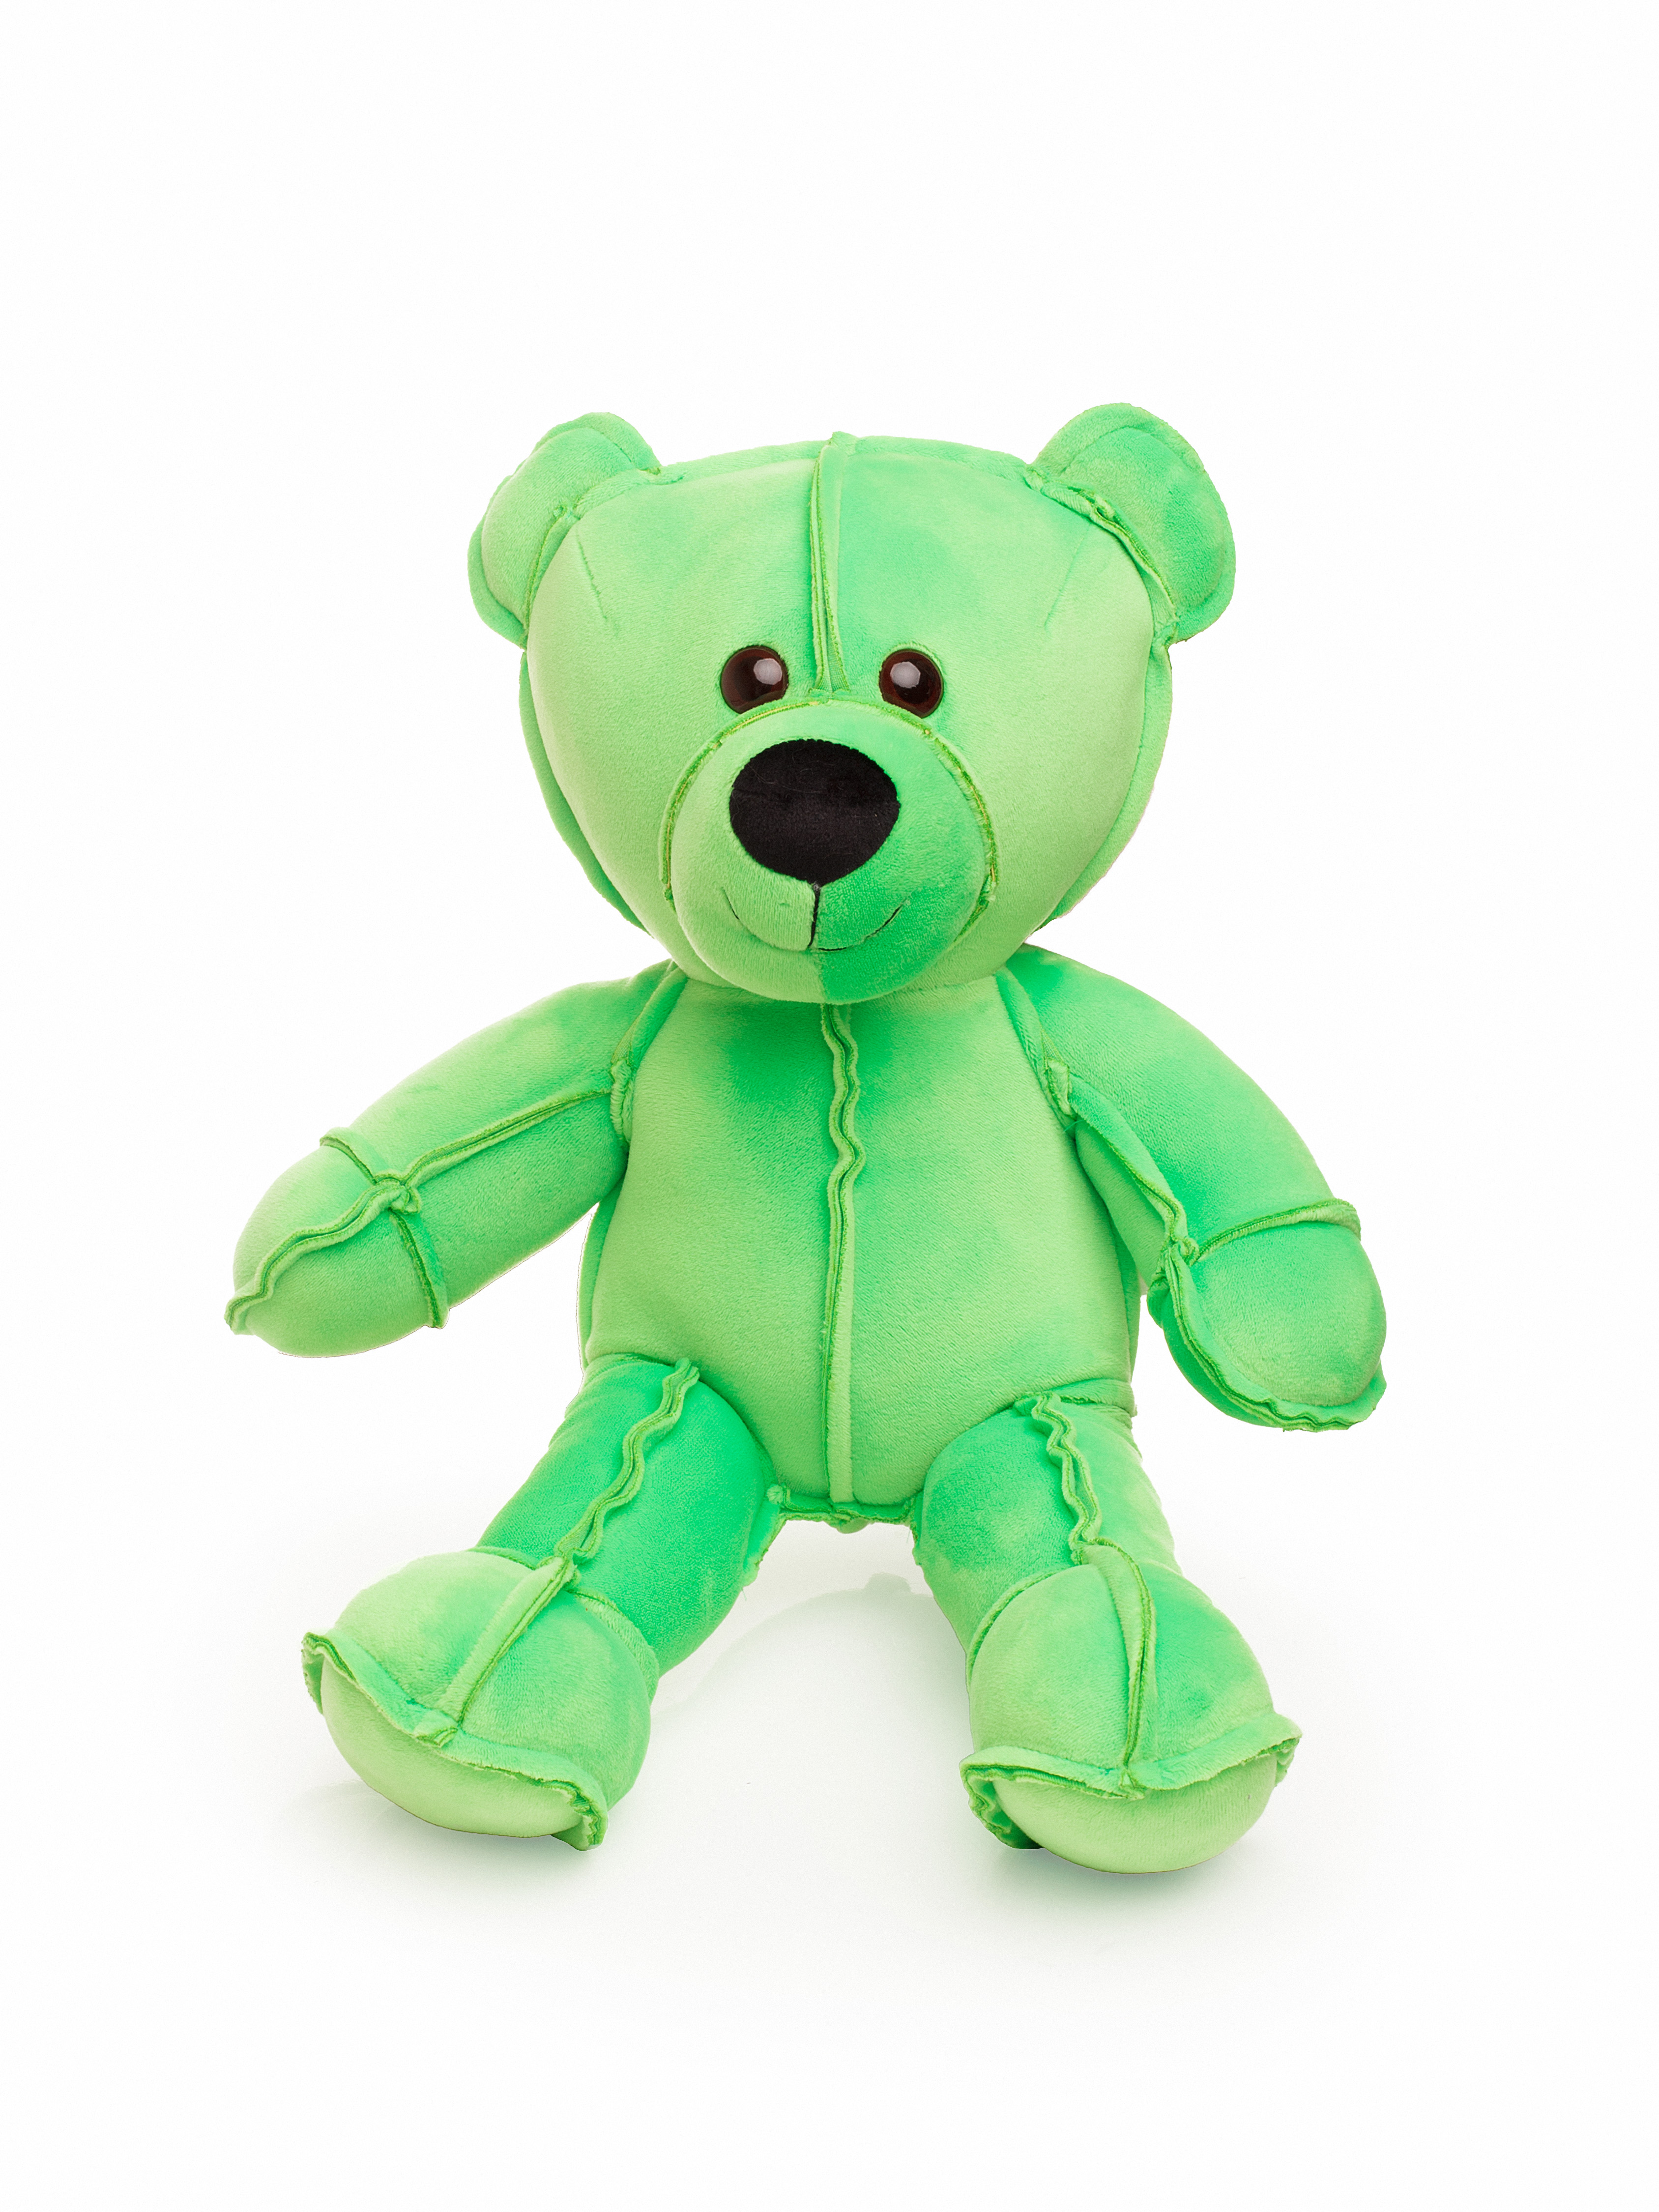 Мягкая игрушка СмолТойс Мишка Даня В45 см, 6199/СЛ/45 салатовый